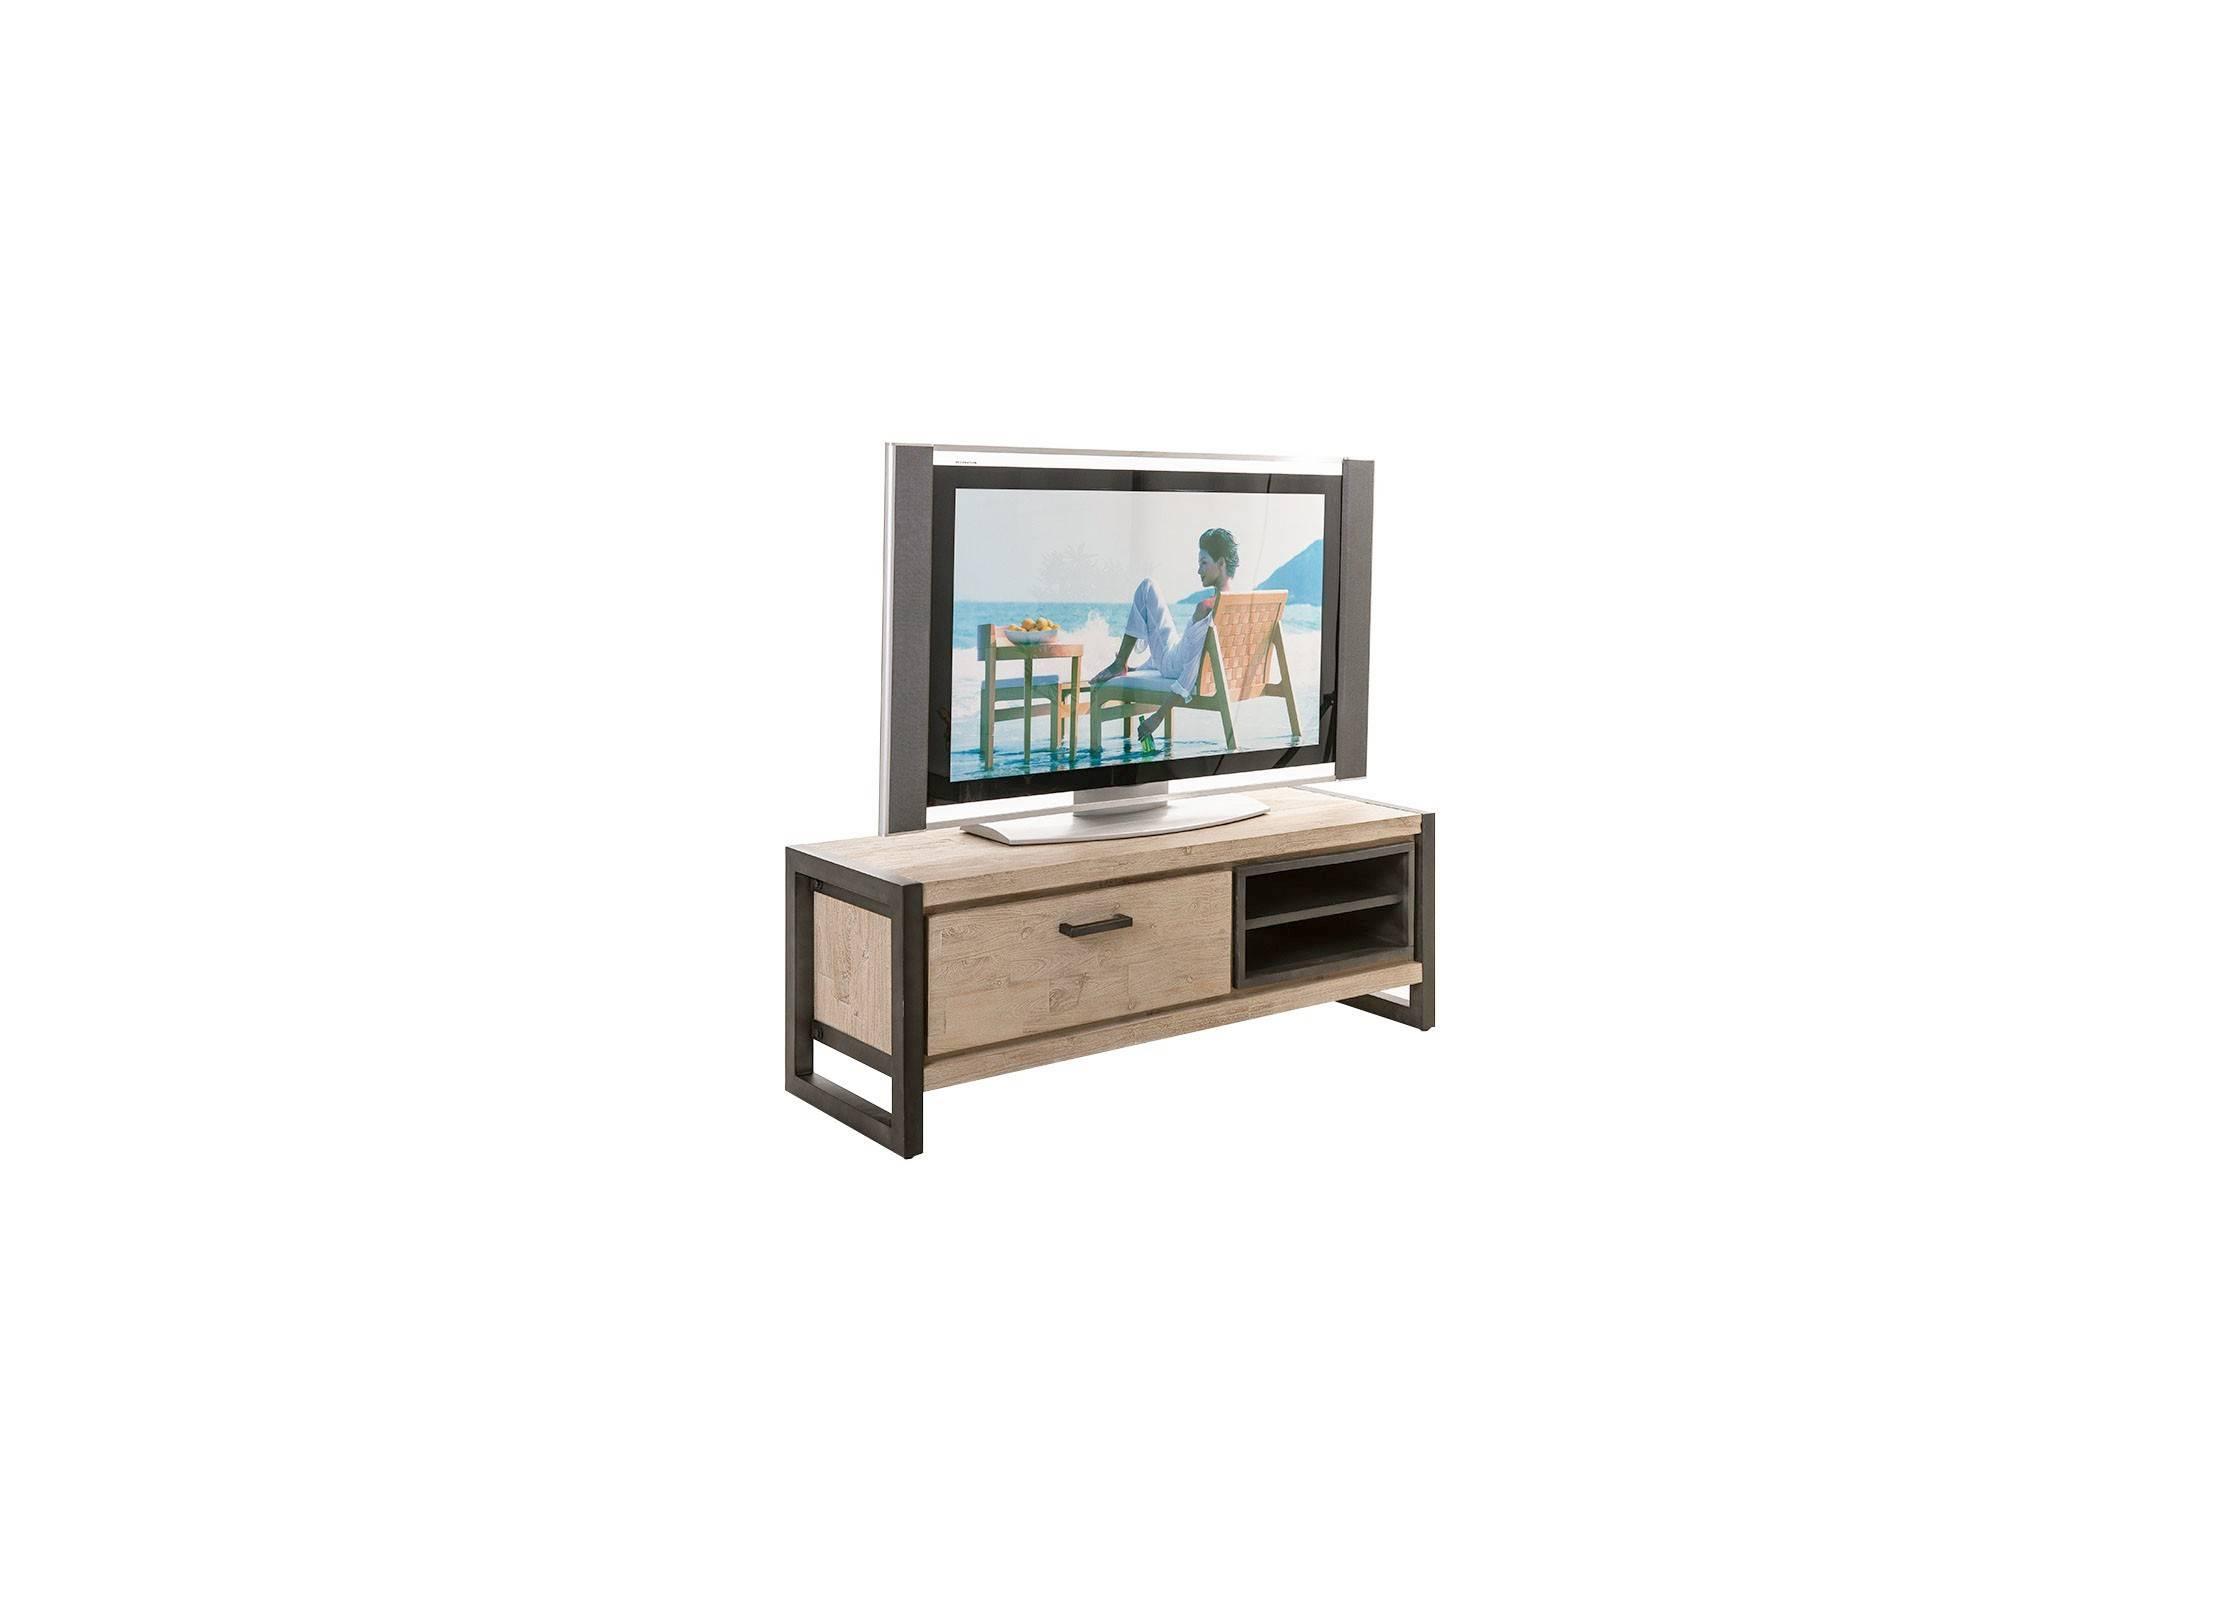 meuble tv multimedia en bois d 39 acacia et m tal style industriel loft. Black Bedroom Furniture Sets. Home Design Ideas